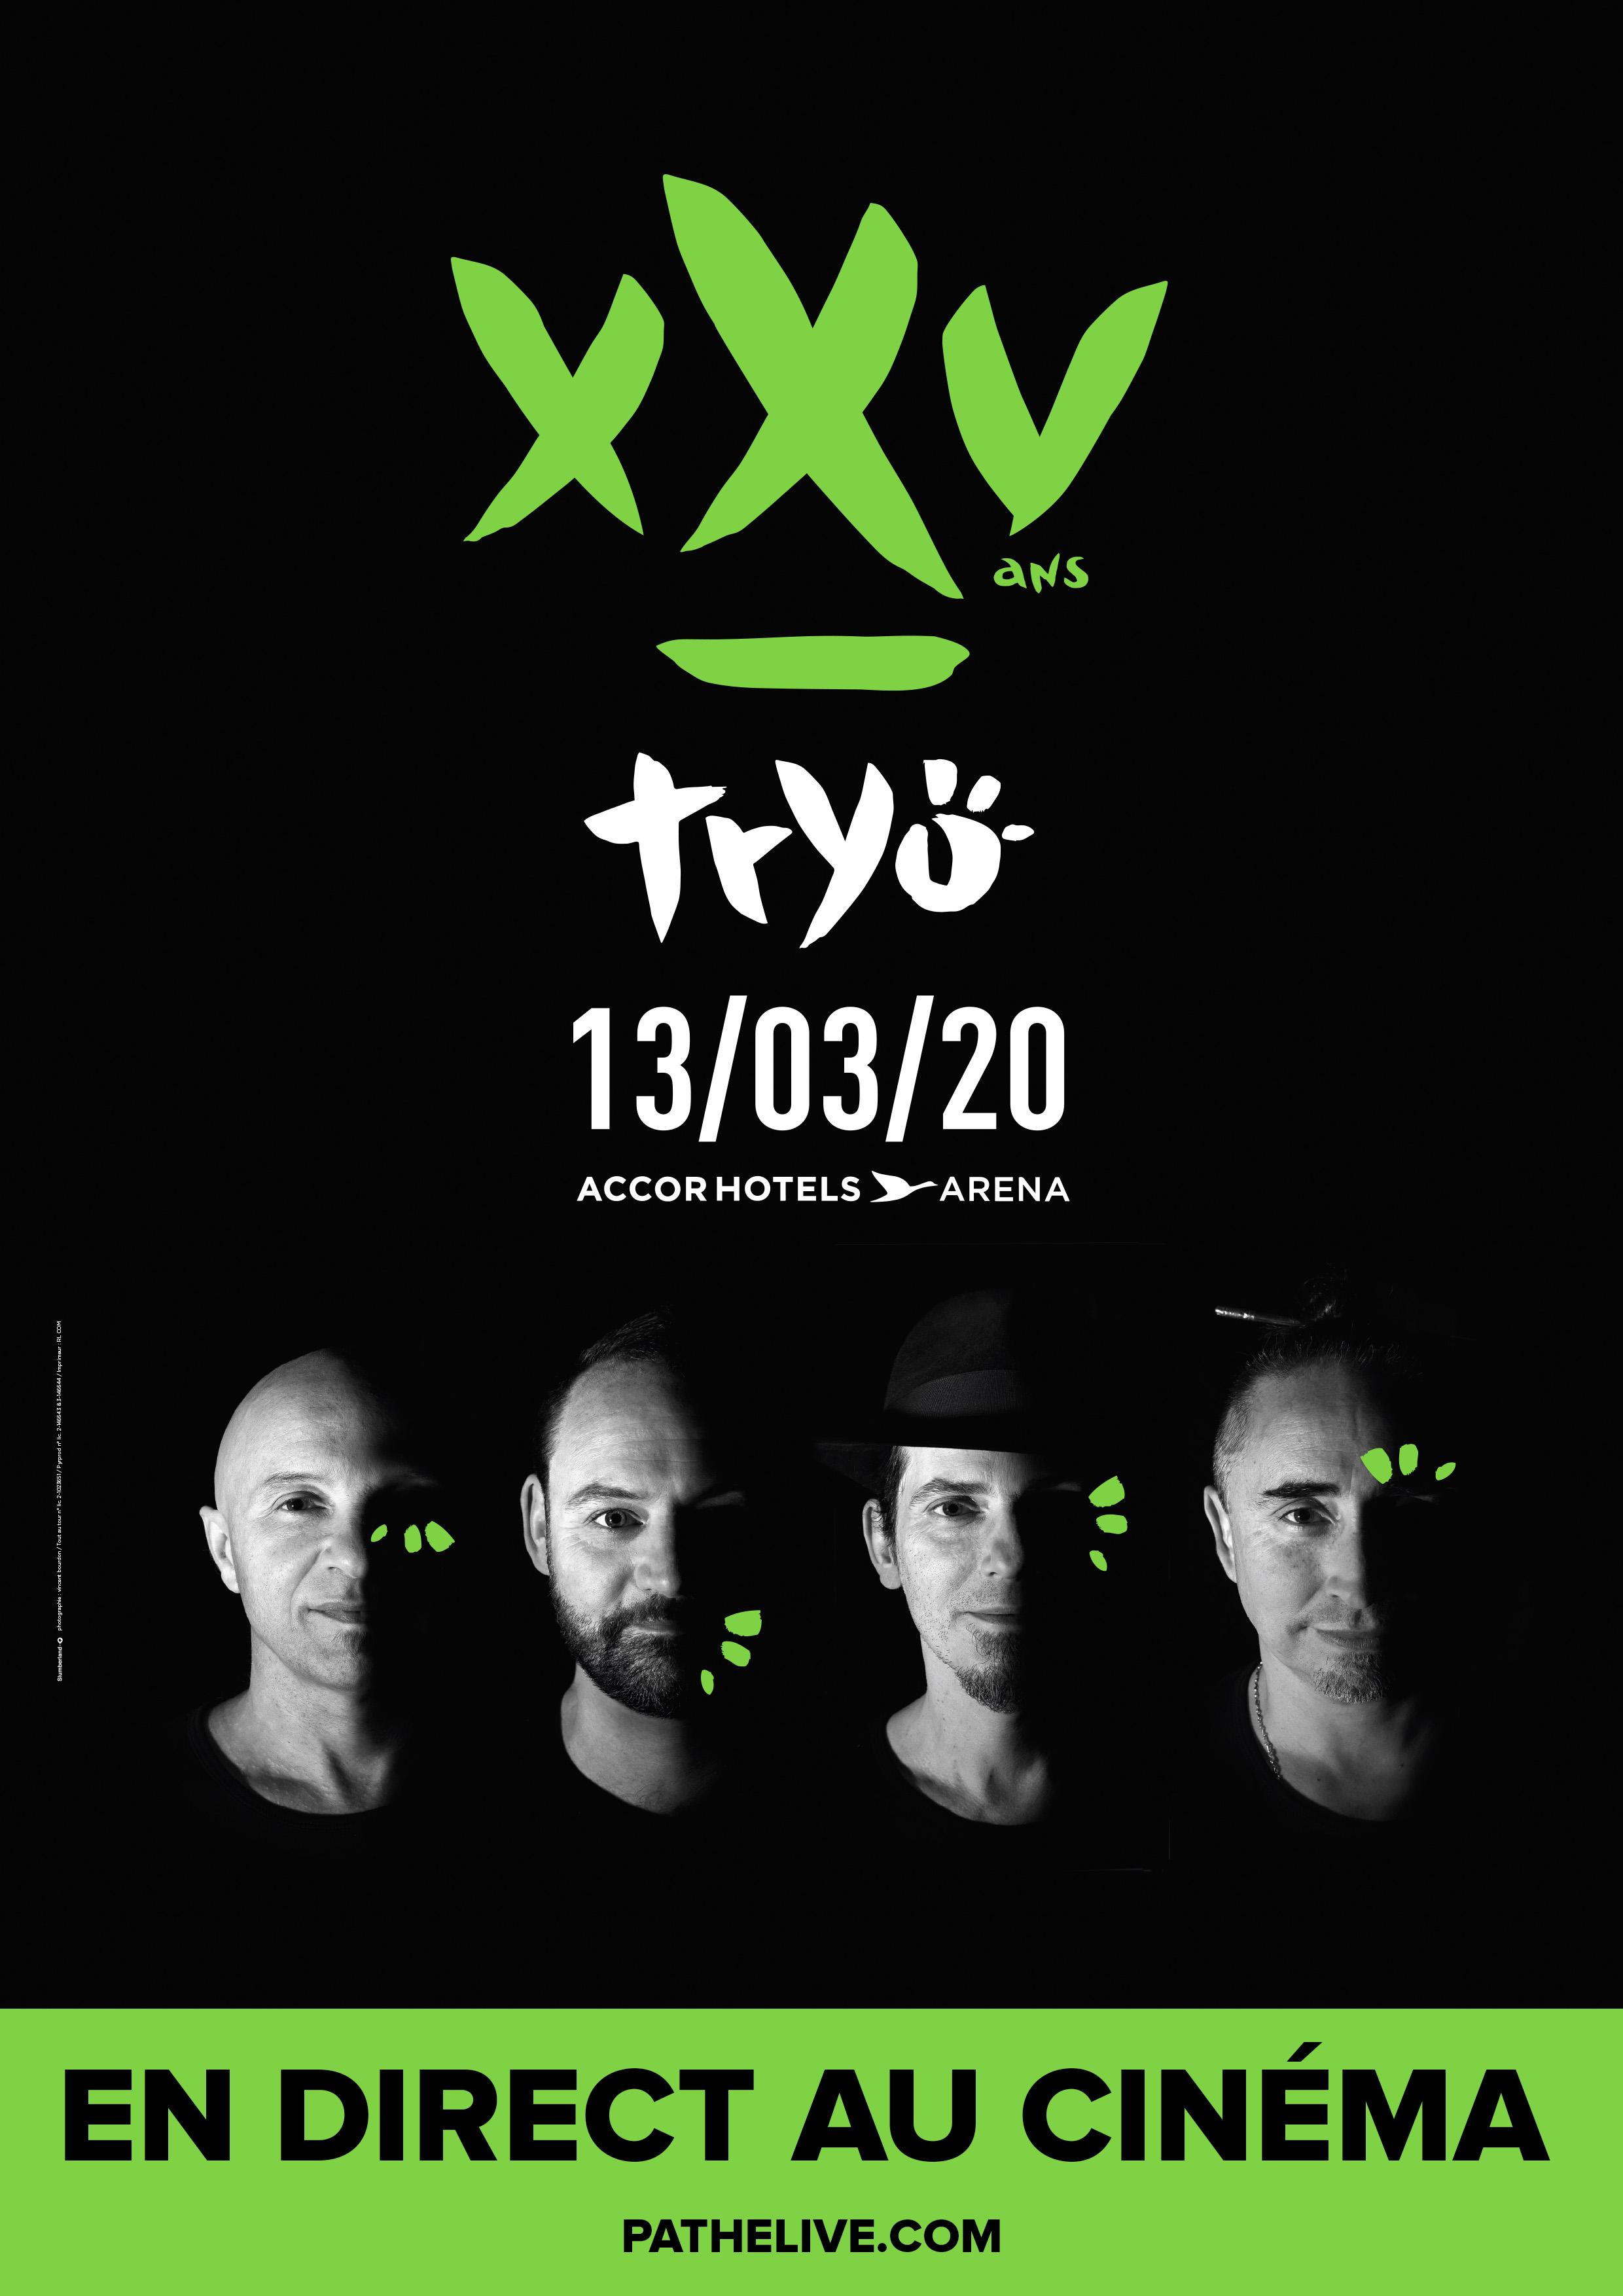 Image du film Tryo XXV ans - Le concert en direct au cinéma